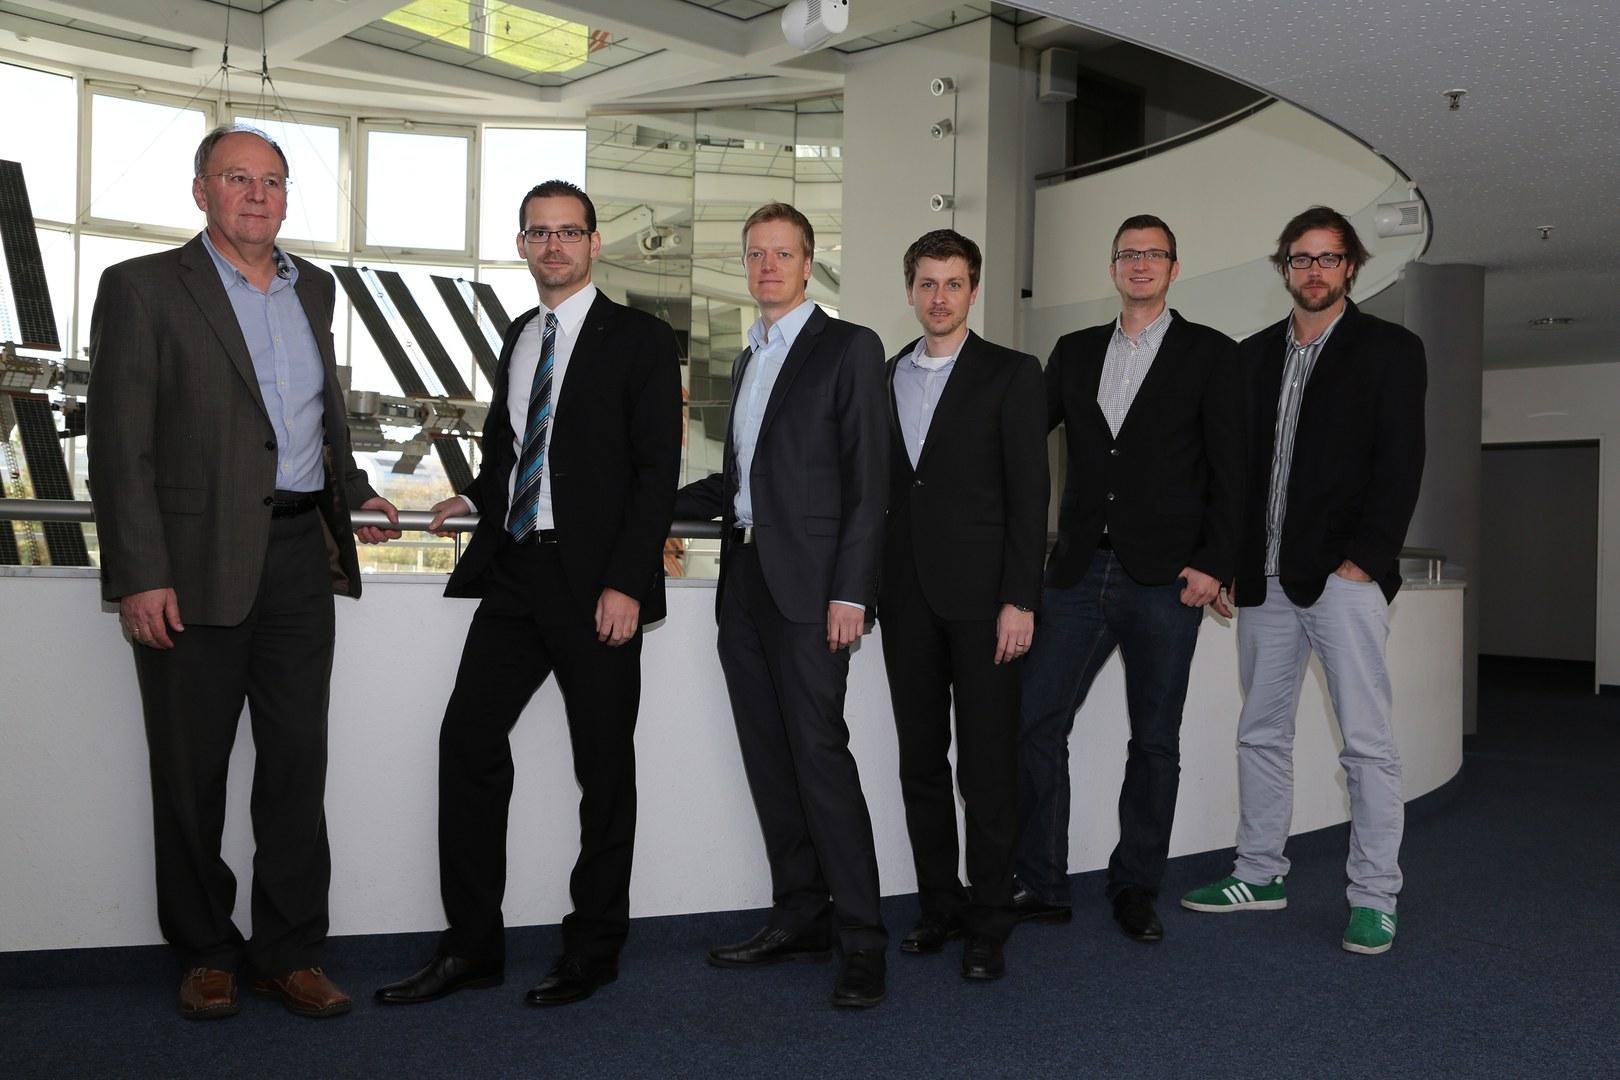 Die Projektbeteiligten vor einem Modell der ISS am Deutschen Zentrum für Luft- und Raumfahrt (DLR):